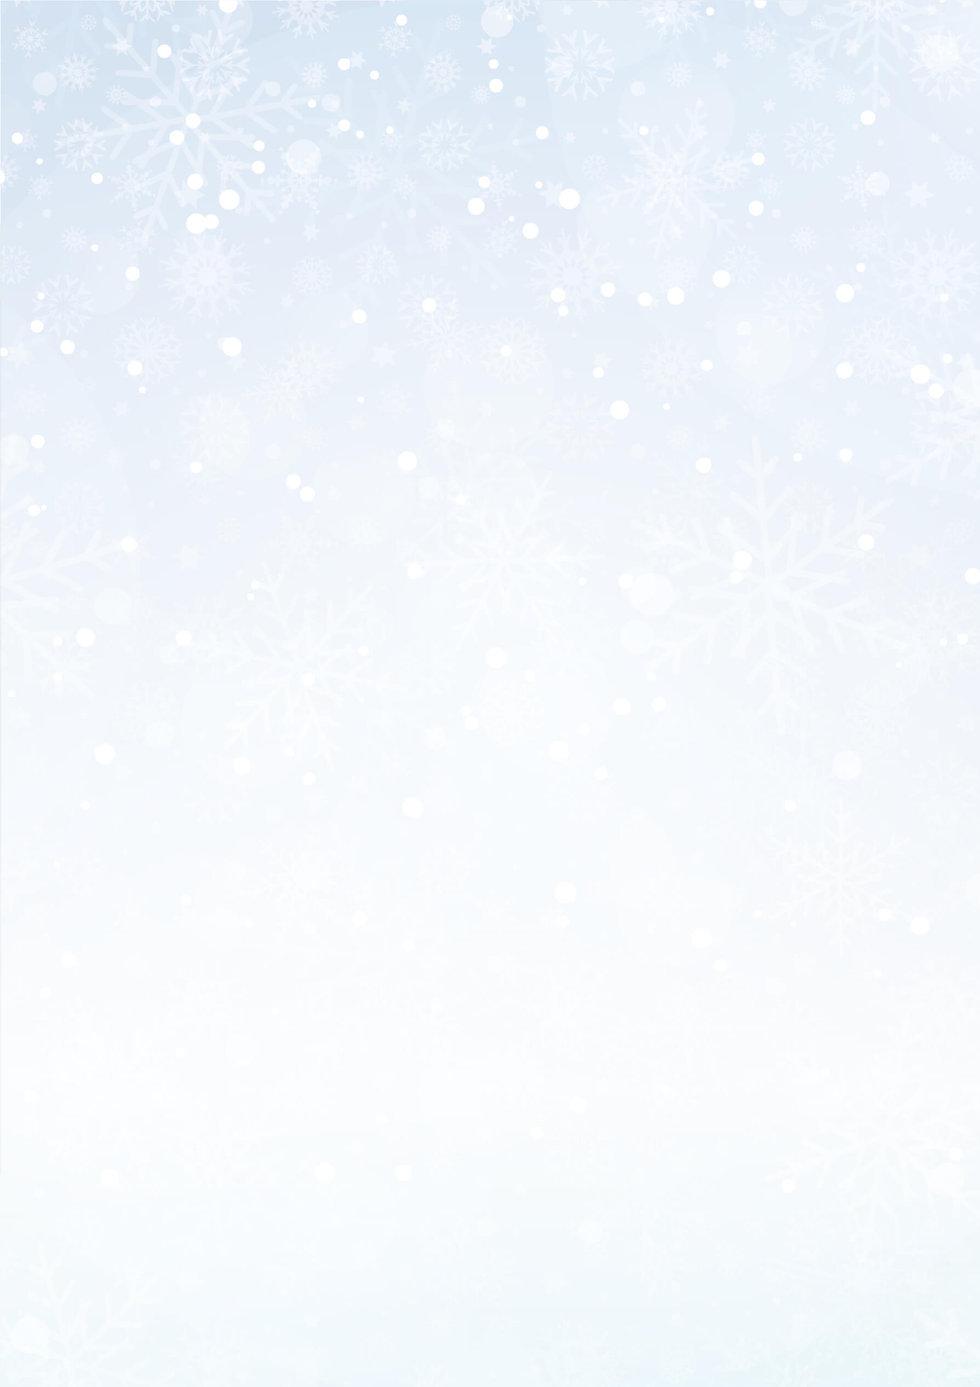 faded white bg.jpg